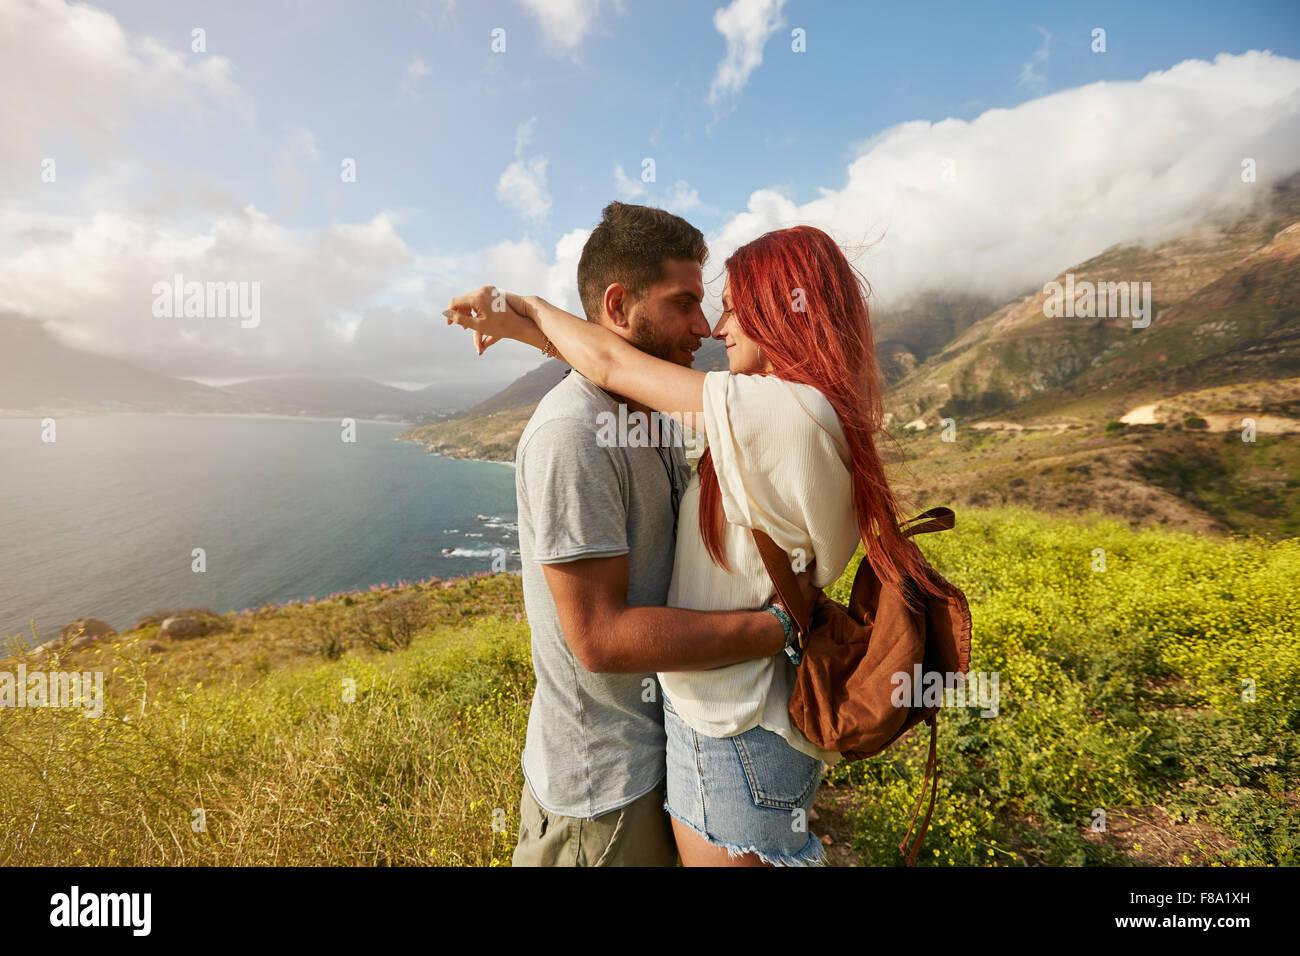 Vista laterale della romantica una giovane coppia in vacanza. L uomo e la donna che abbraccia ogni altro all'esterno. Immagini Stock